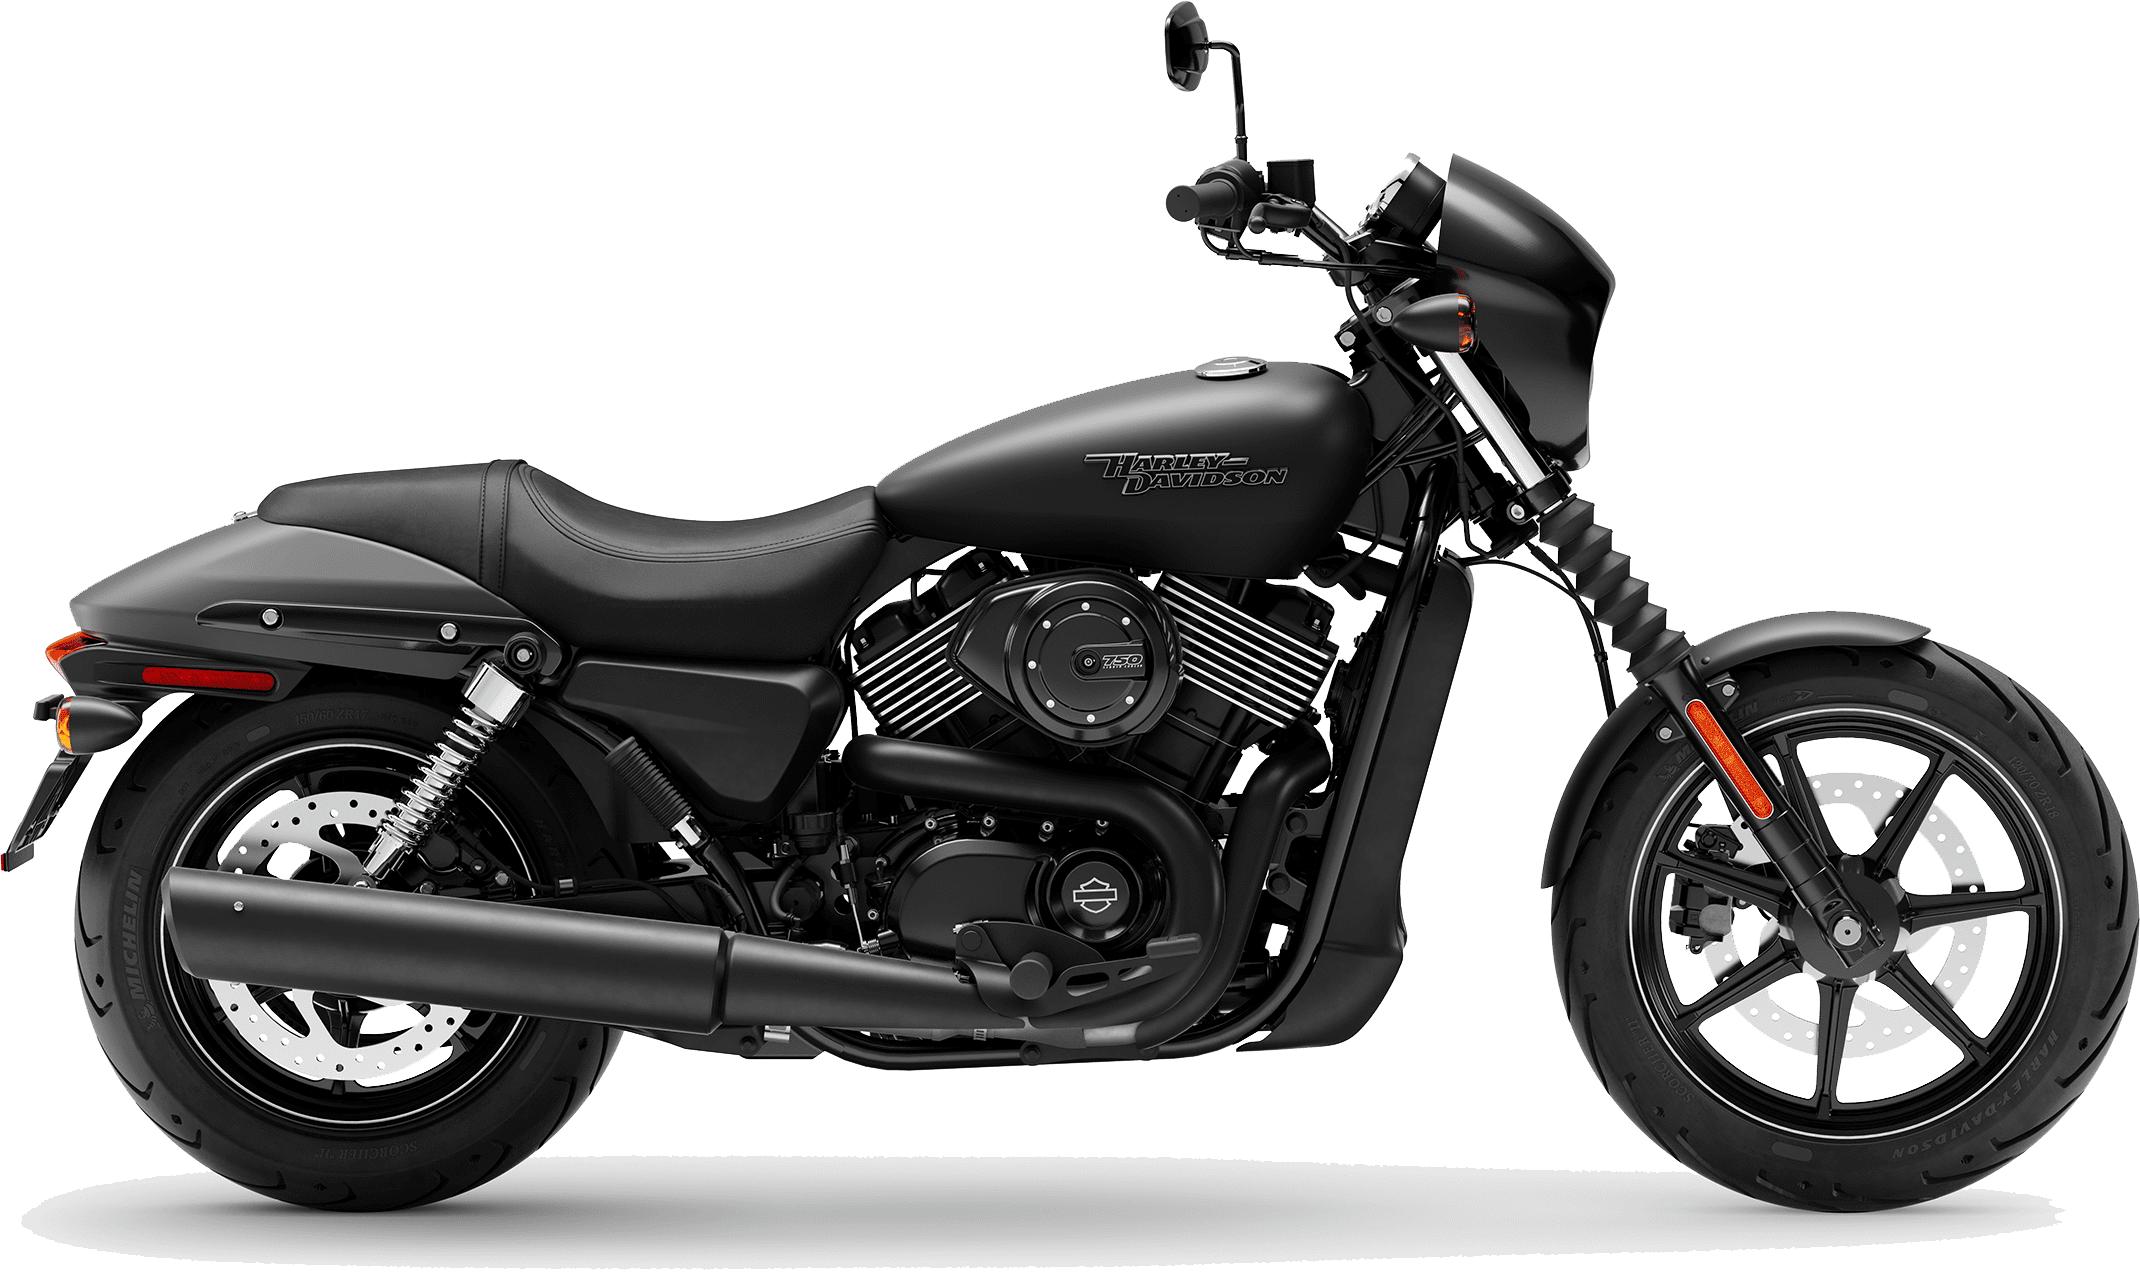 2019 Harley-Davidson H-D Street 750 Black Denim